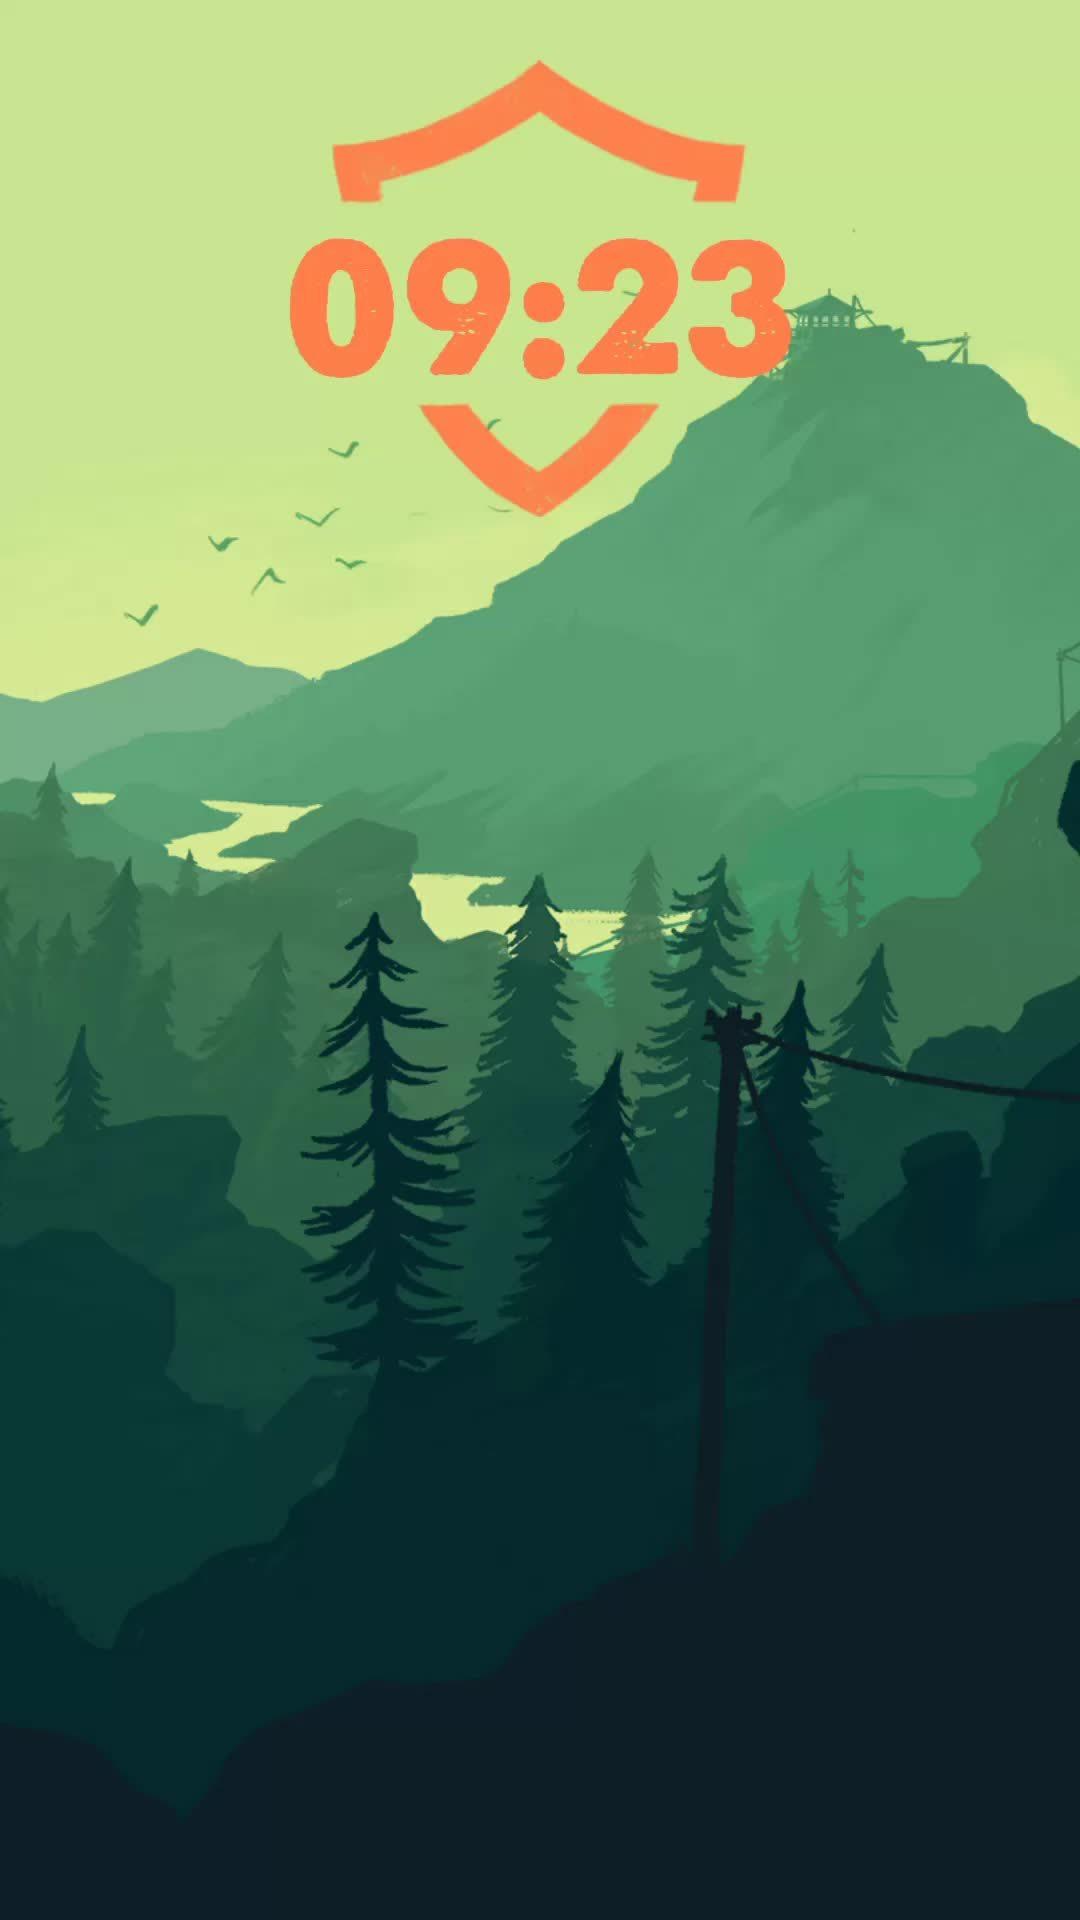 androidthemes, Firewatch Theme GIFs